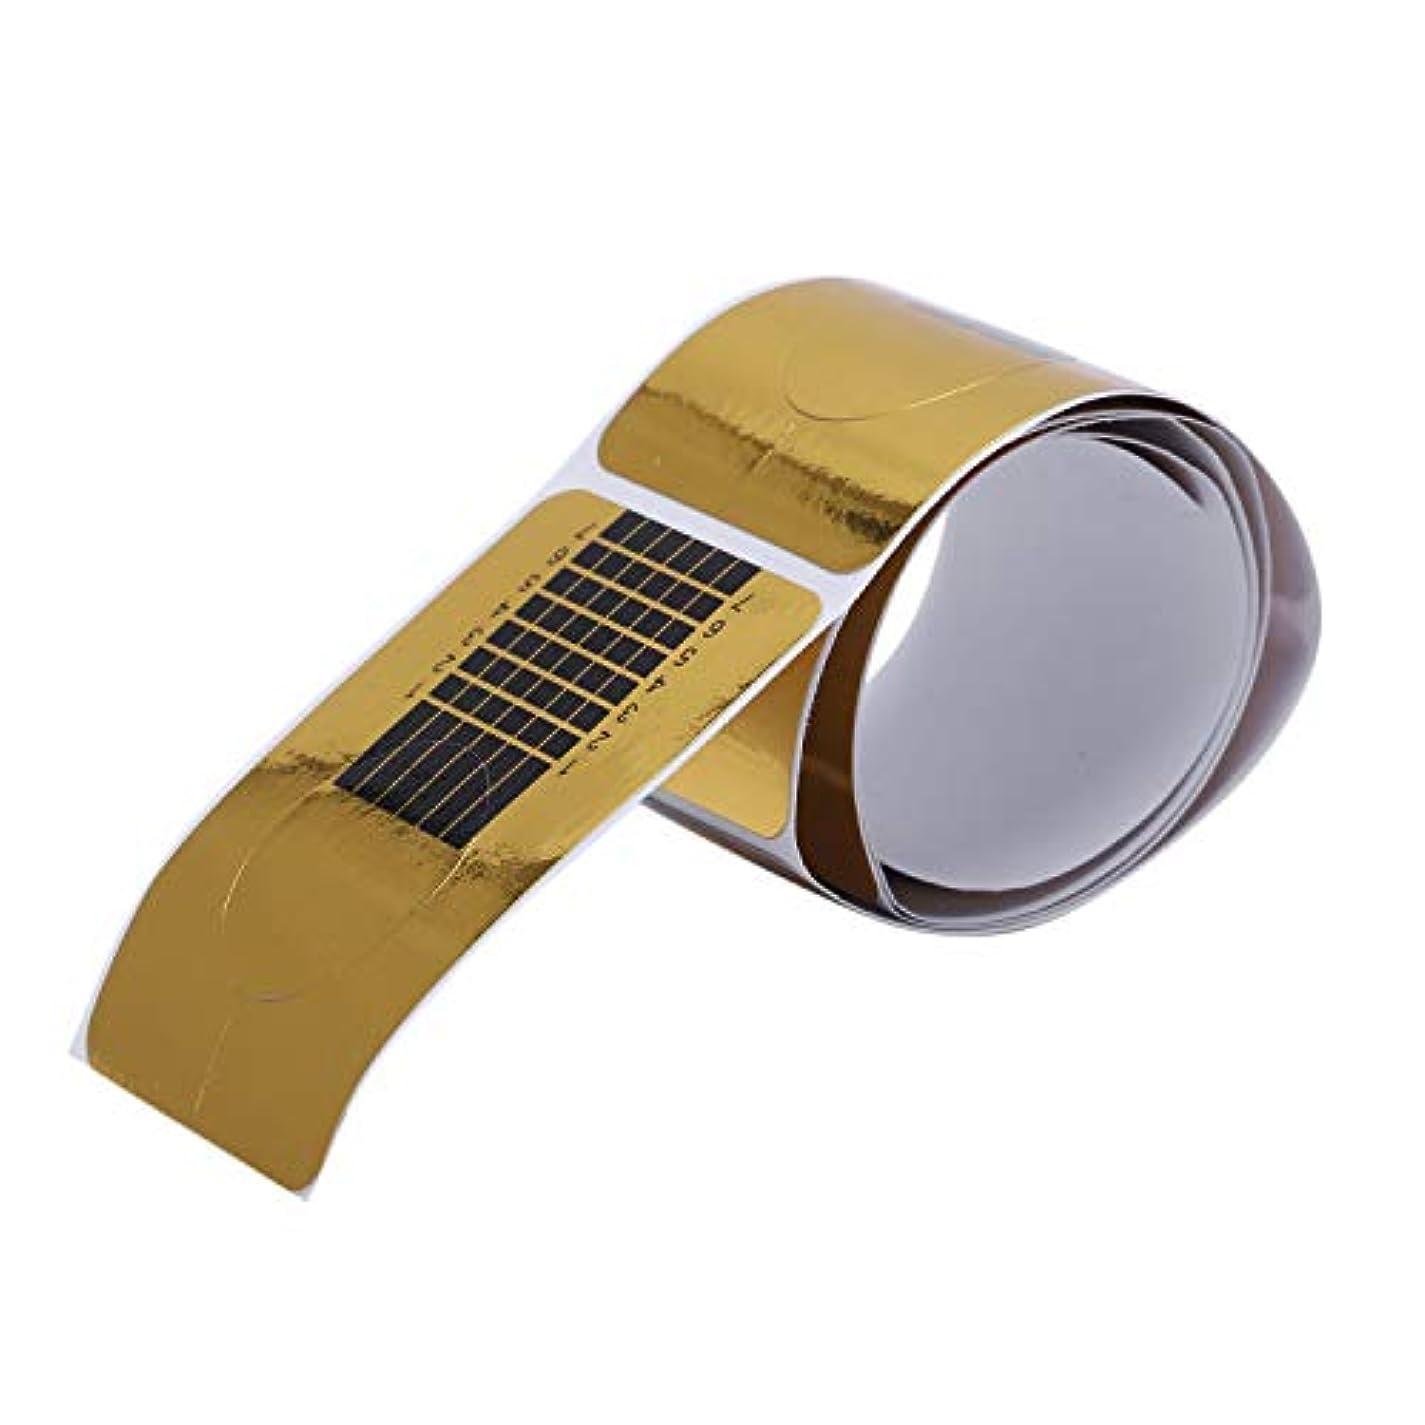 事実上ボウリングチャンピオンシップupperx 100x ゴールデンのネイルのカバー、DIYツール